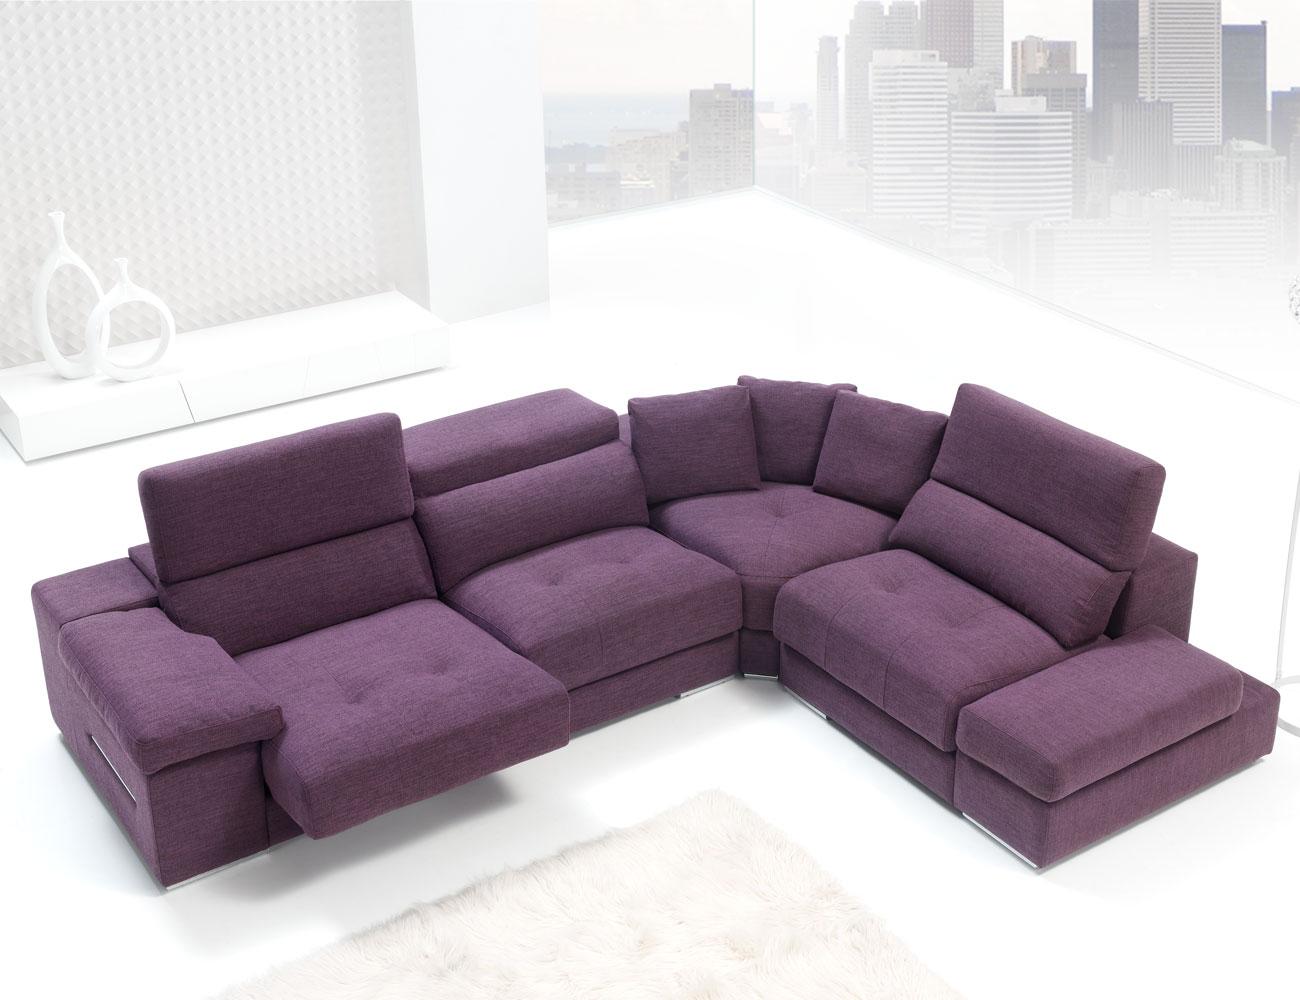 Sofa chaiselongue rincon con brazo mecanico tejido anti manchas 237